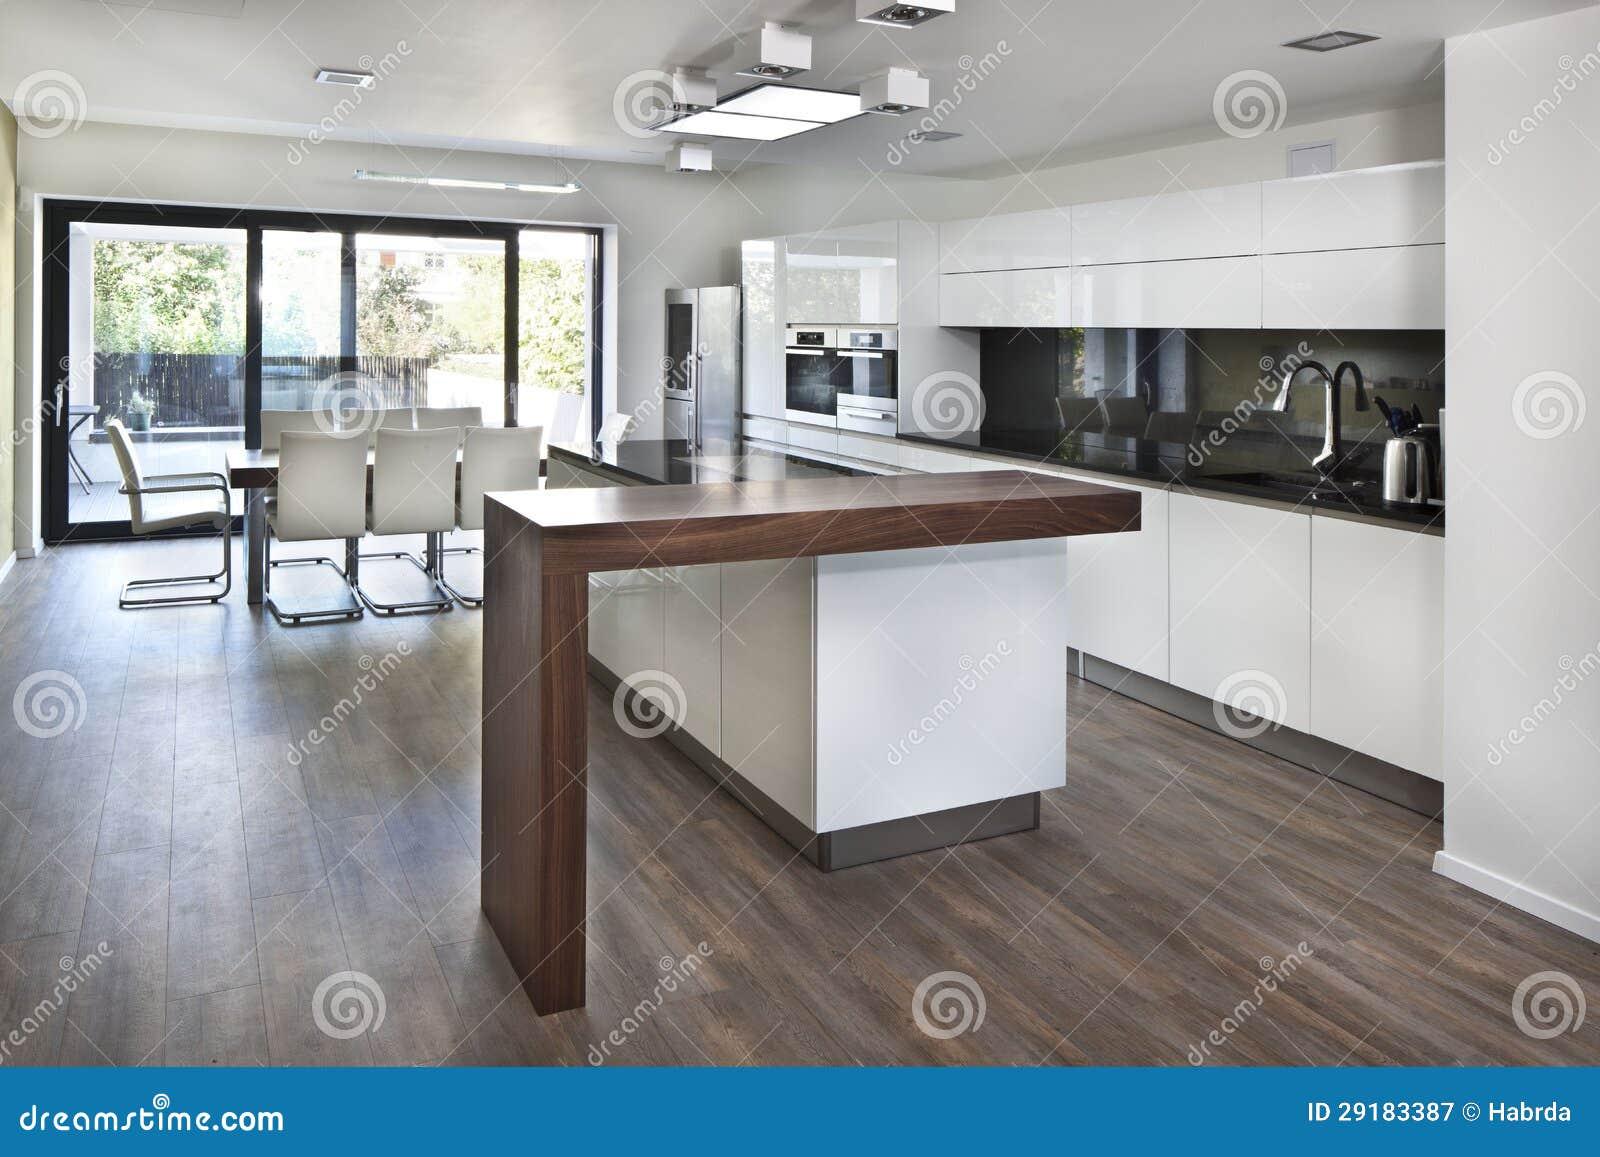 L Espace Ouvert De Cuisine A L Interieur Neuf De La Maison De Famille Image Stock Image Du Cuisine Famille 29183387